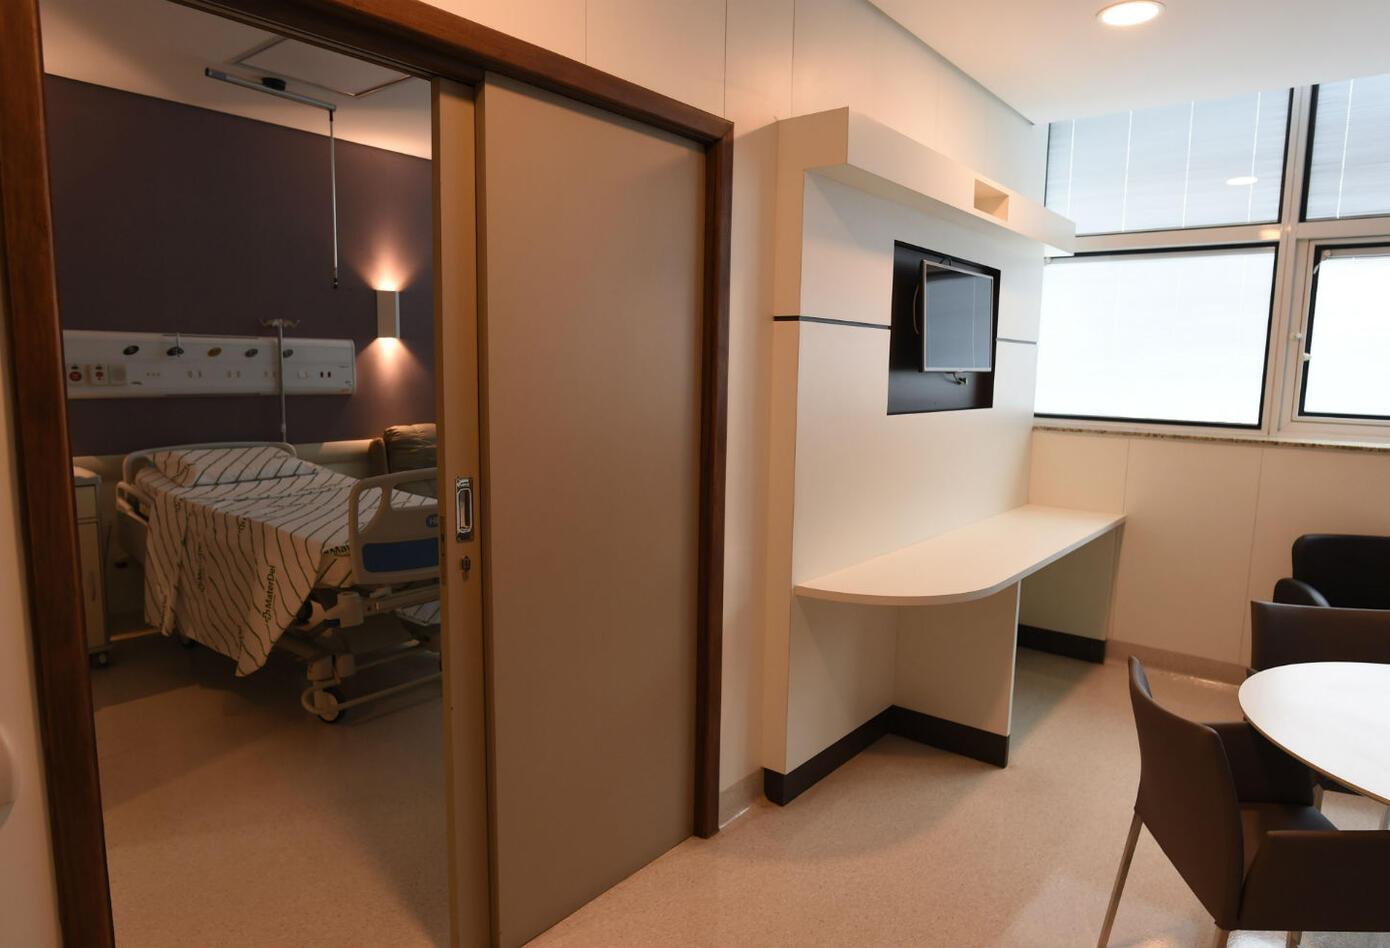 Habitación de Neymar en el hospital de Belo Horizonte